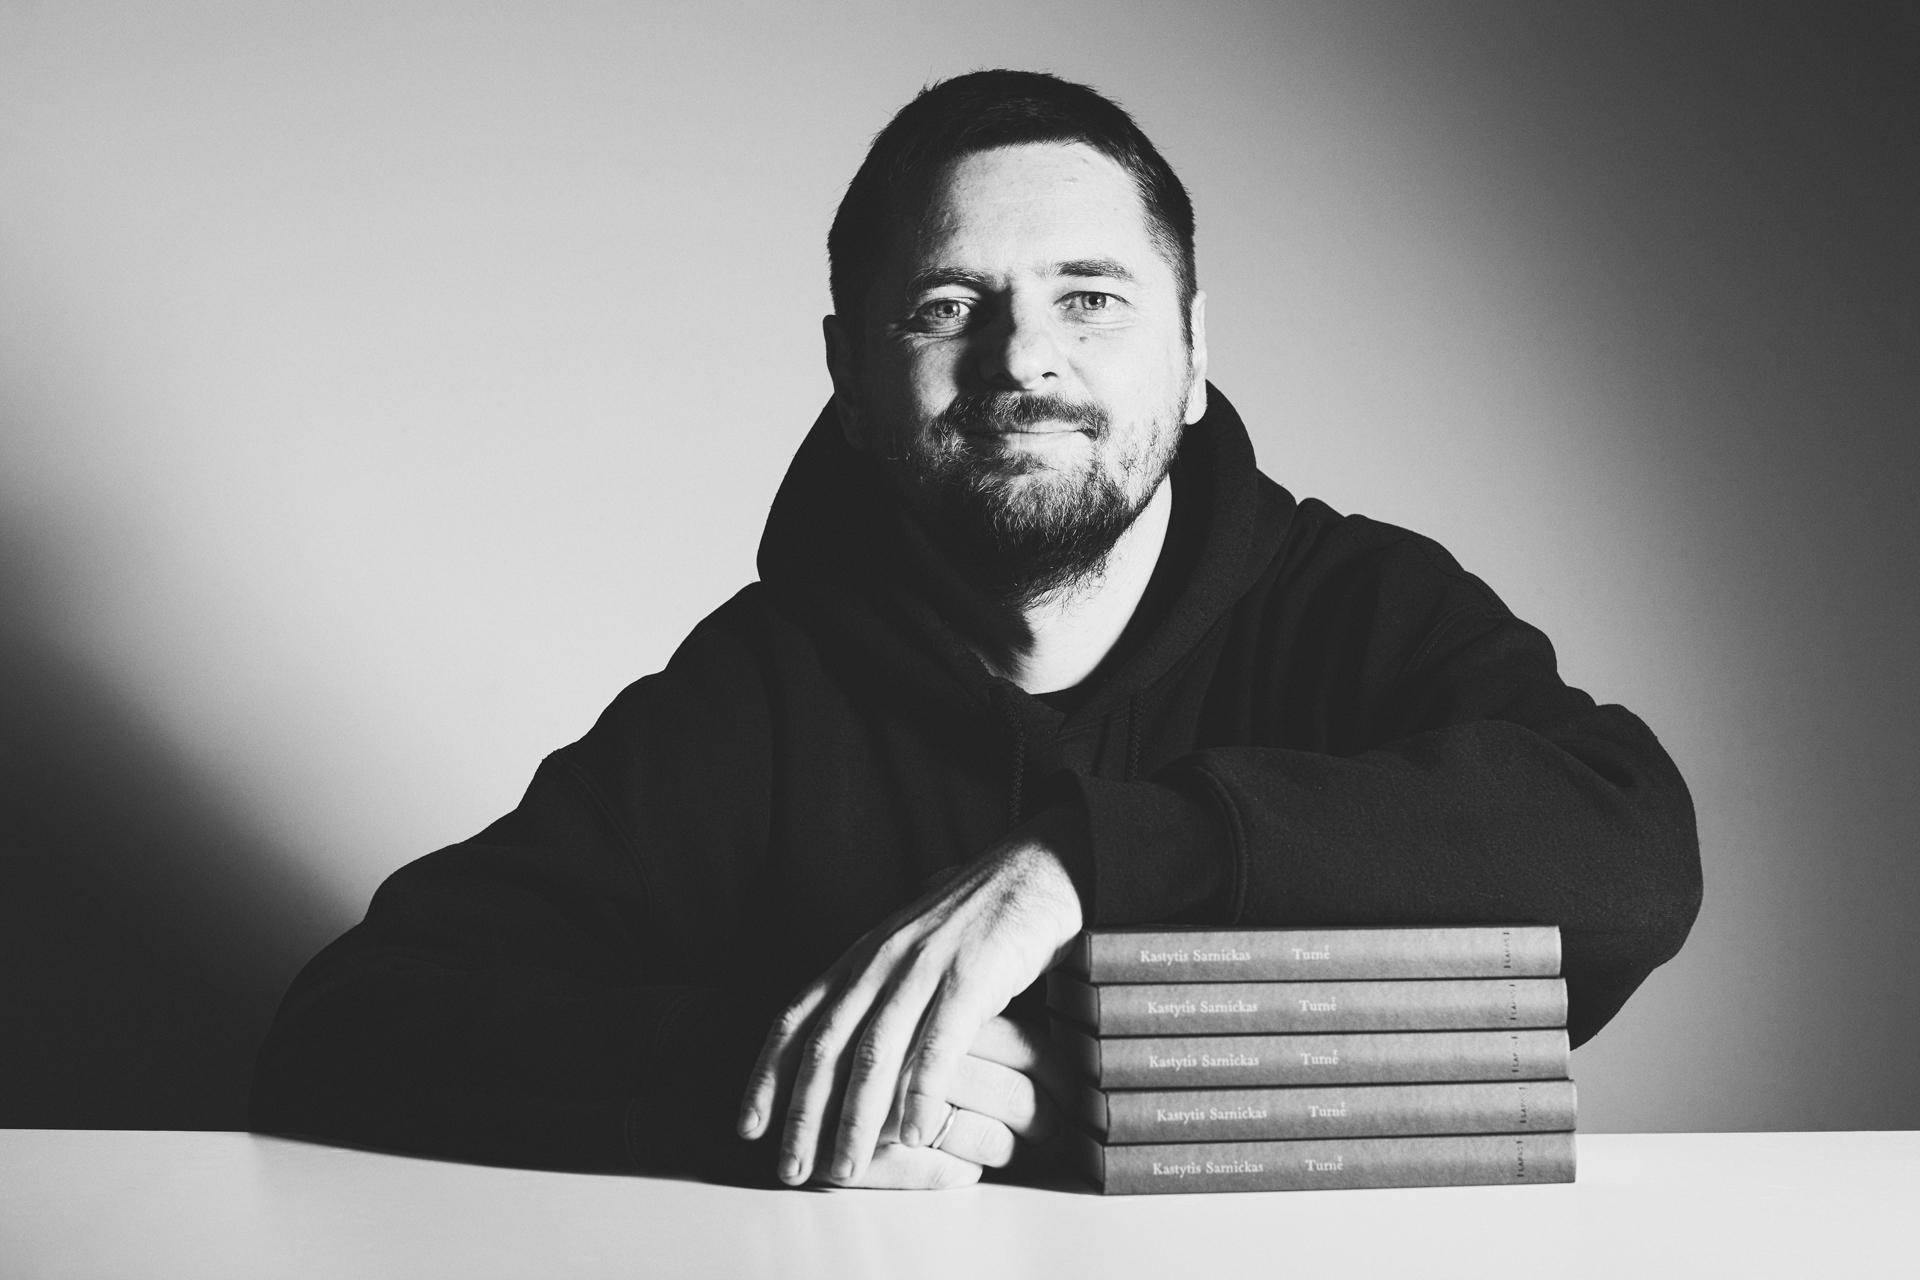 """Knygą """"Turnė"""" išleidęs Kastytis Sarnickas-Kastetas: rašymas padėjo susidoroti su nerimu"""